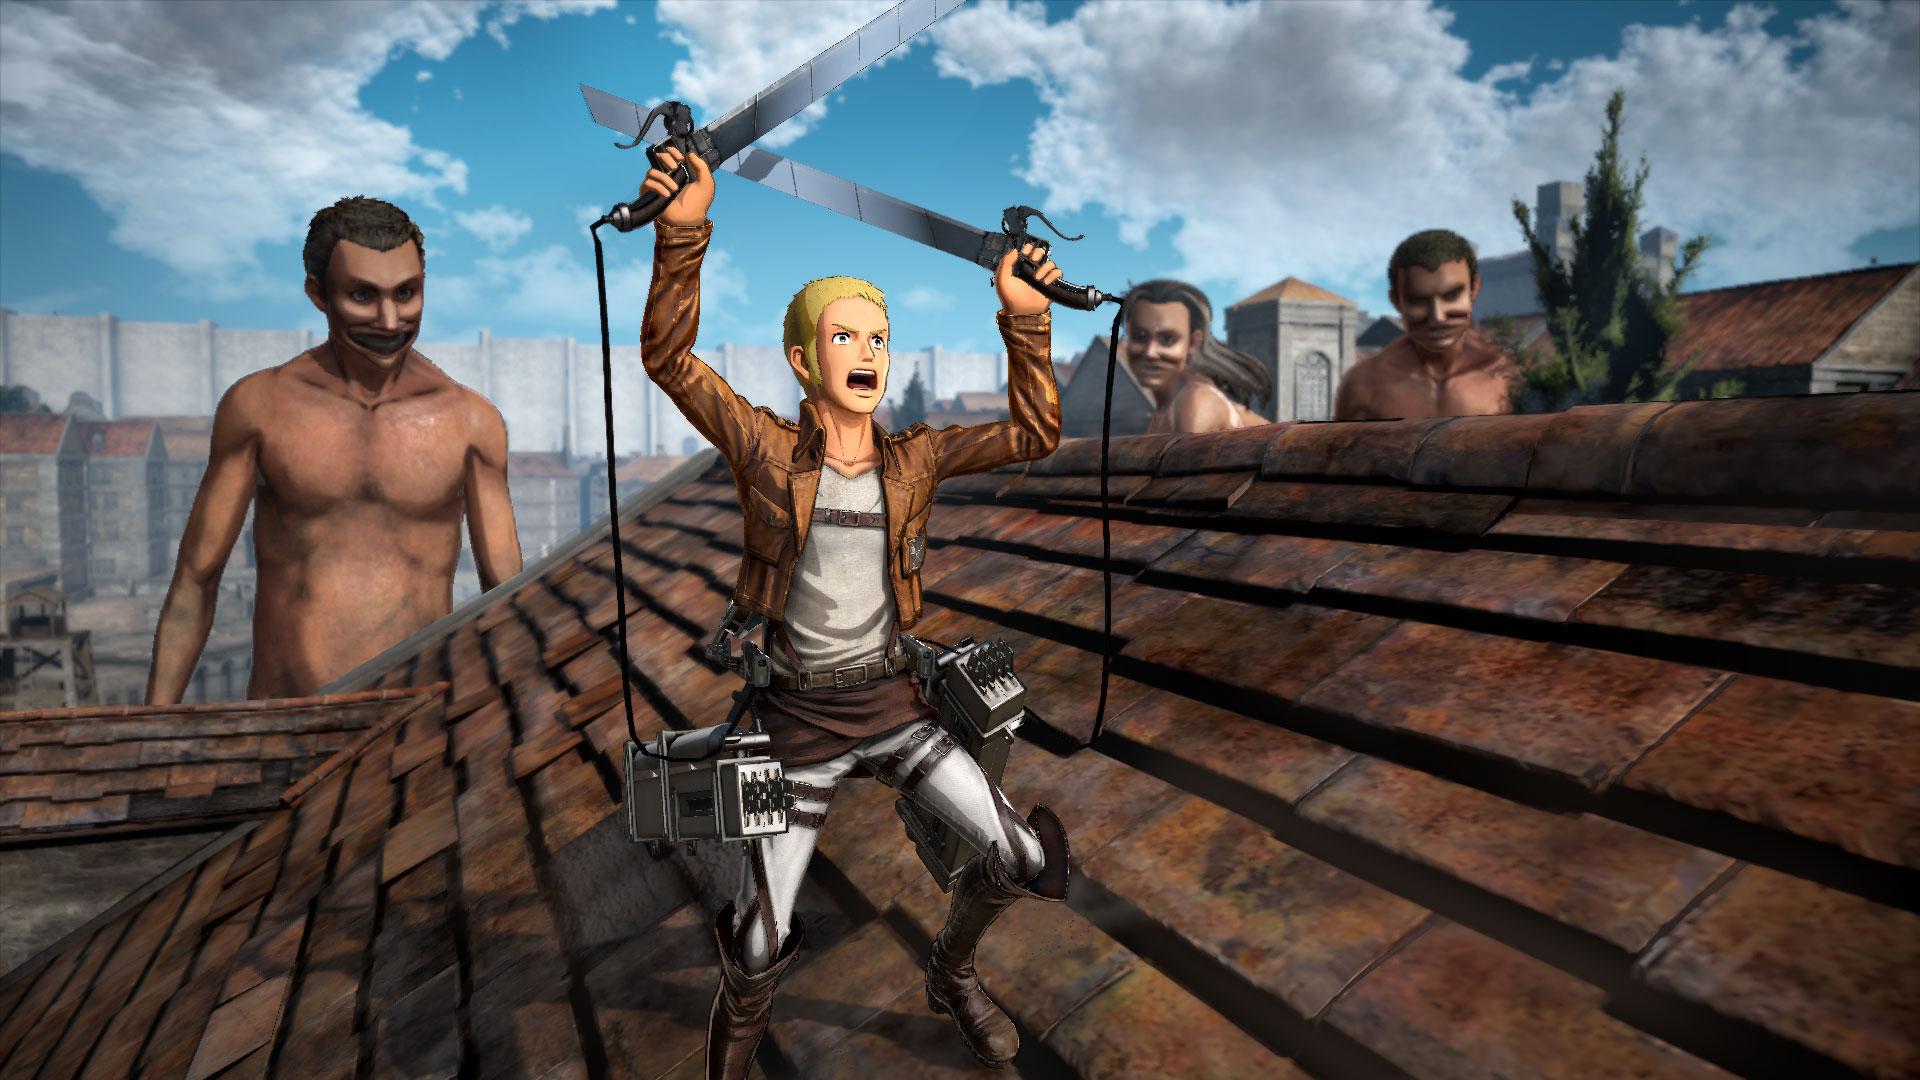 تماشا کنید: تاریخ انتشار بازی Attack on Titan 2 مشخص شد